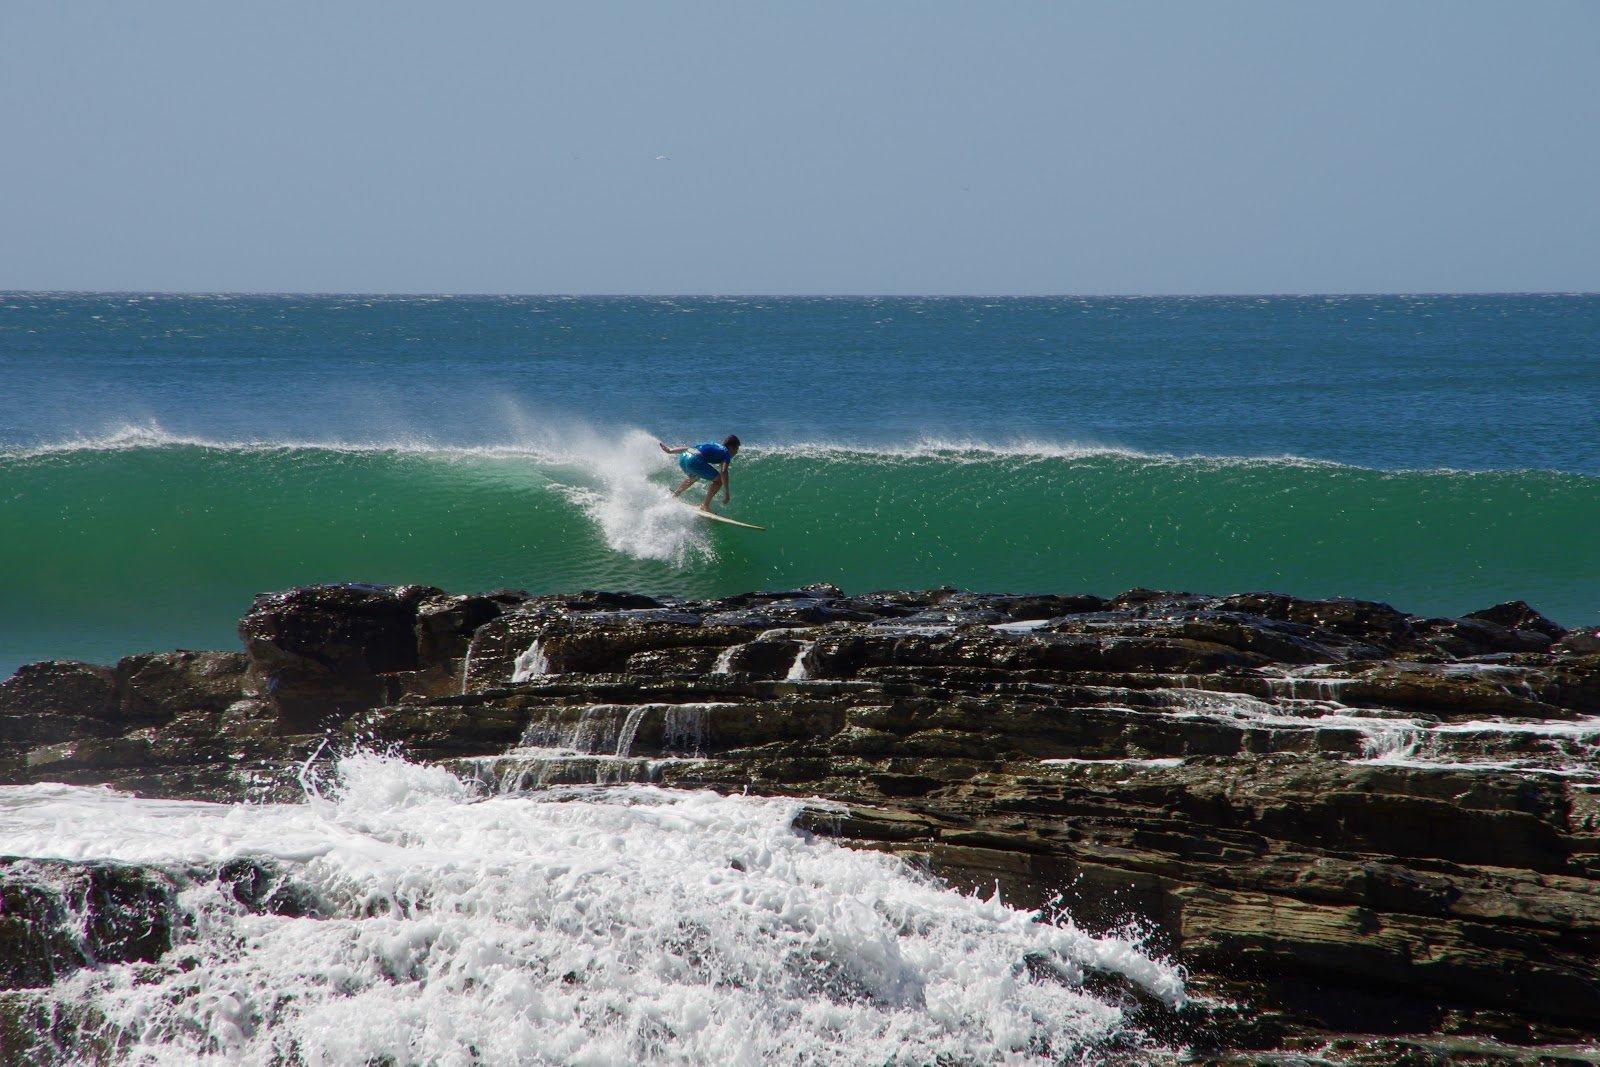 Playa Maderas, Nicaragua | Surf